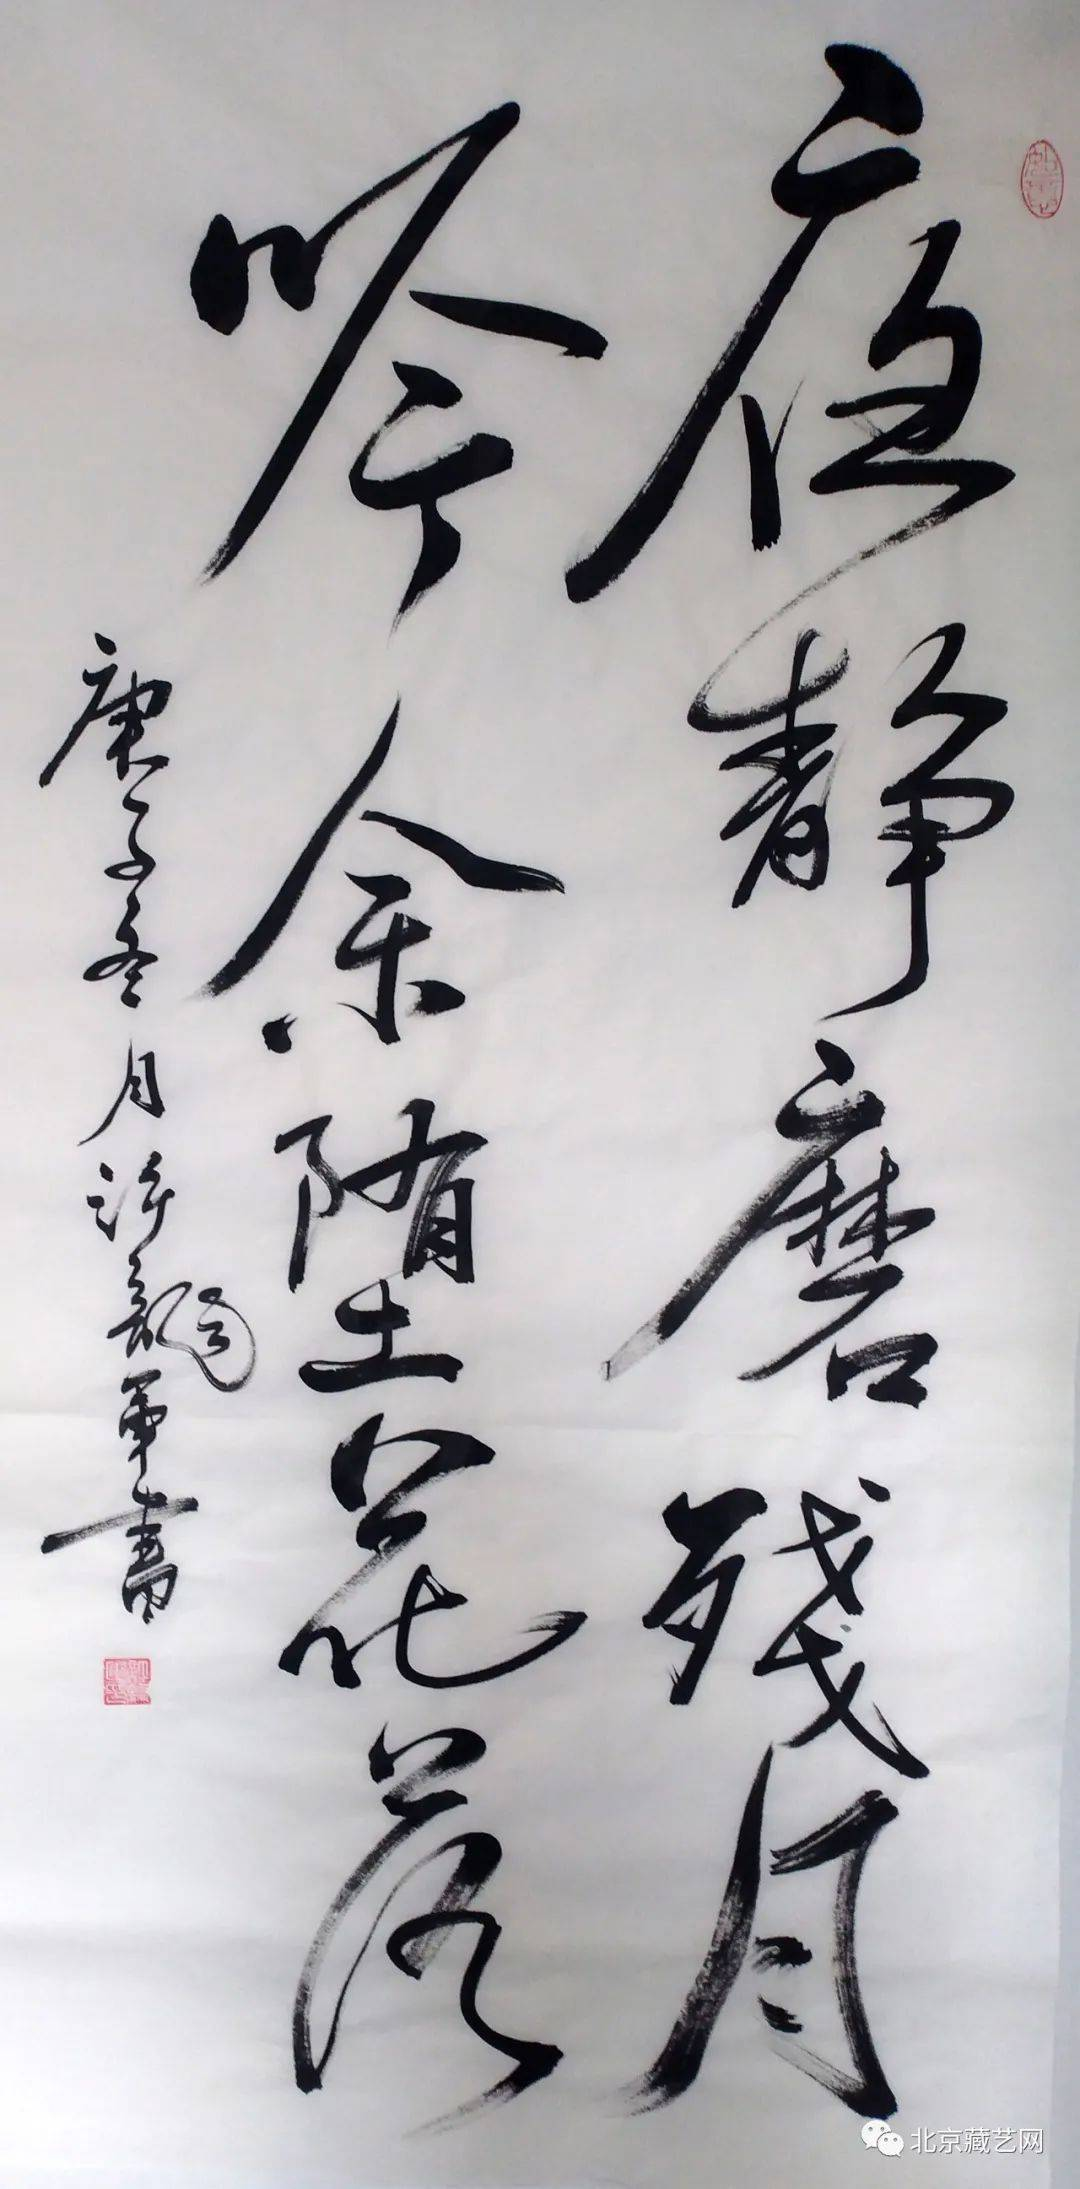 【收藏快报】2021年重点推荐书法名家——许龙军